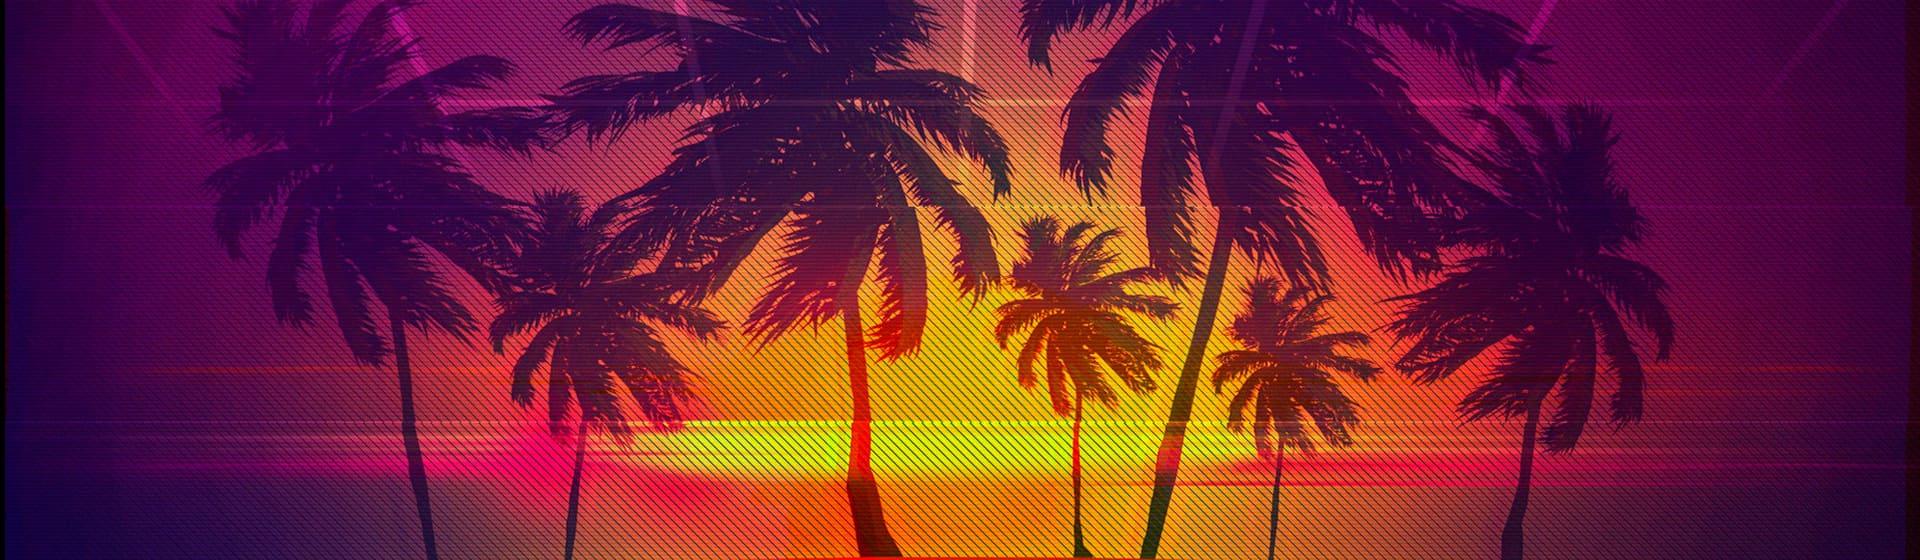 Hotline Miami - Мерч и одежда с атрибутикой